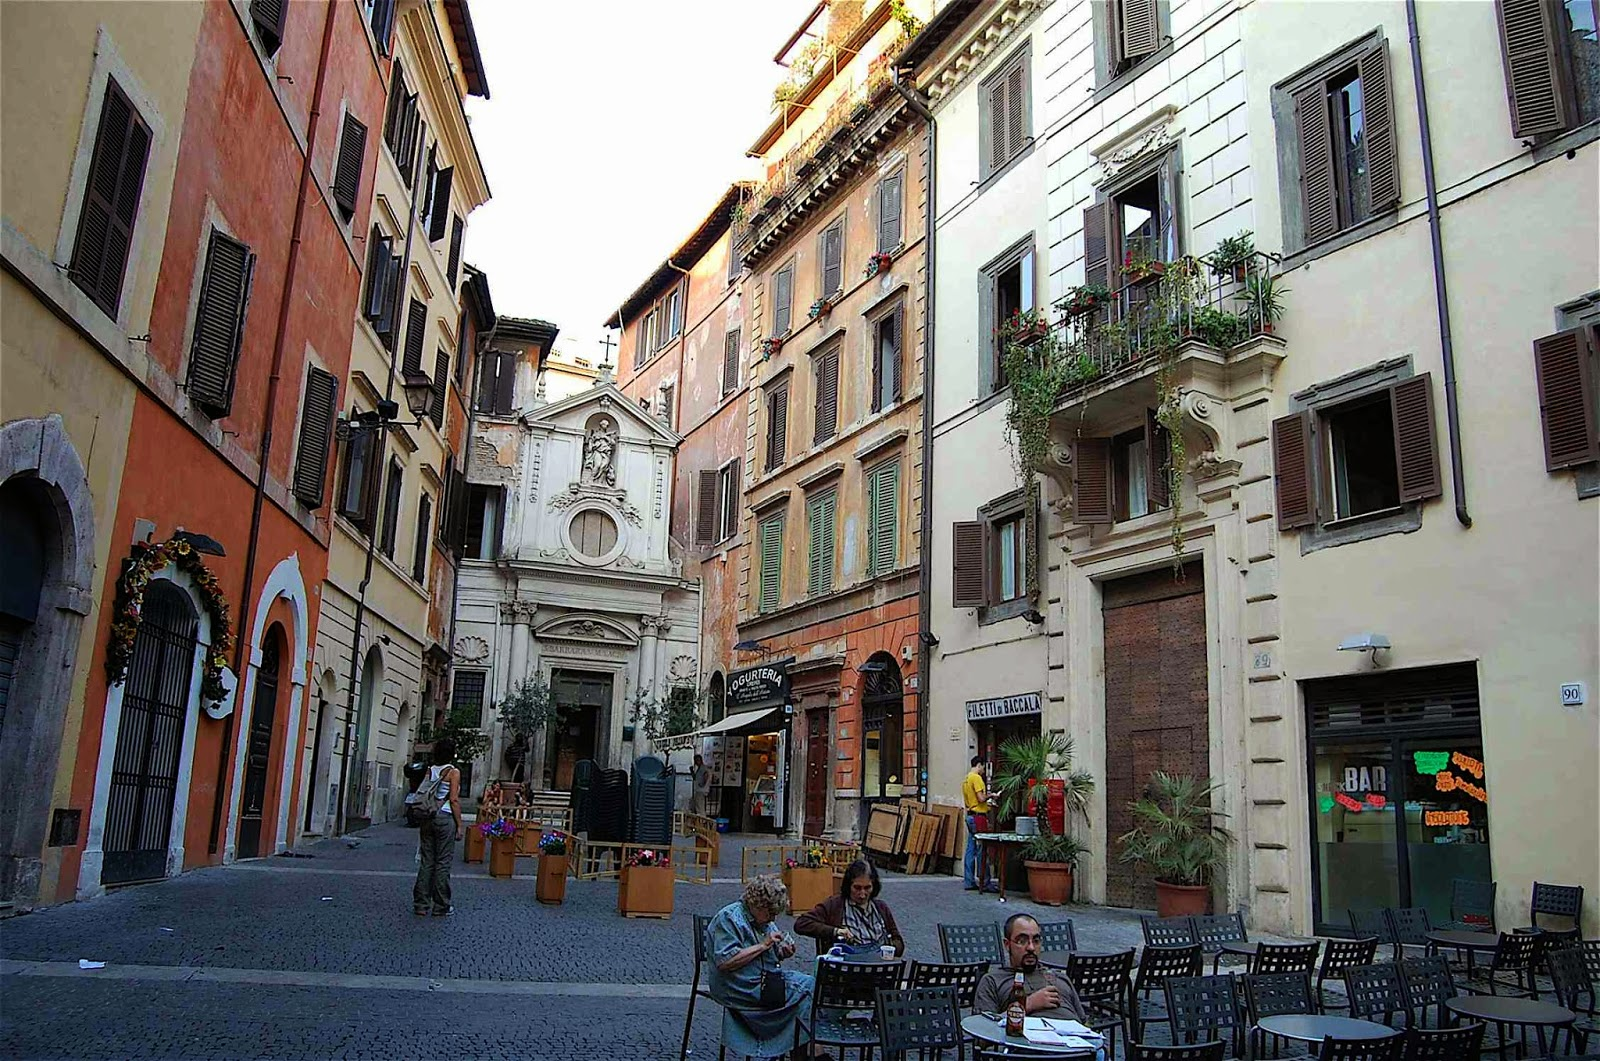 Compras em Roma  Melhores lojas e ruas  1b1c9c5192108